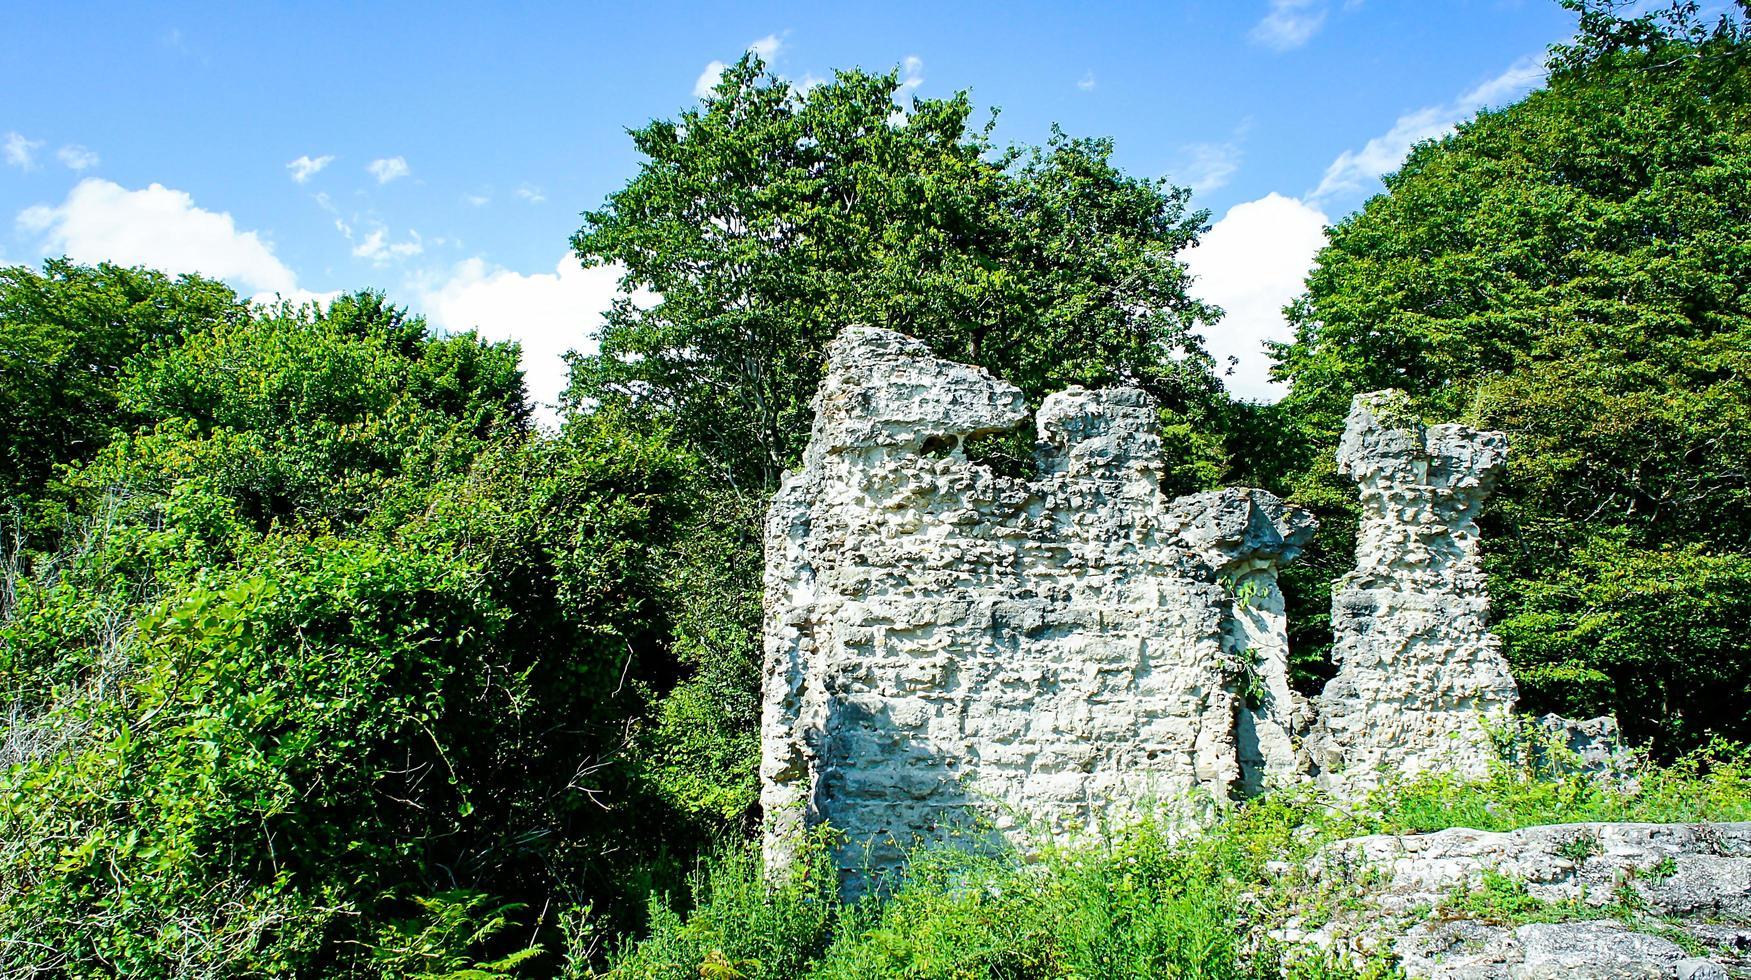 natuurlijk landschap met ruïnes op de achtergrond van bomen. foto